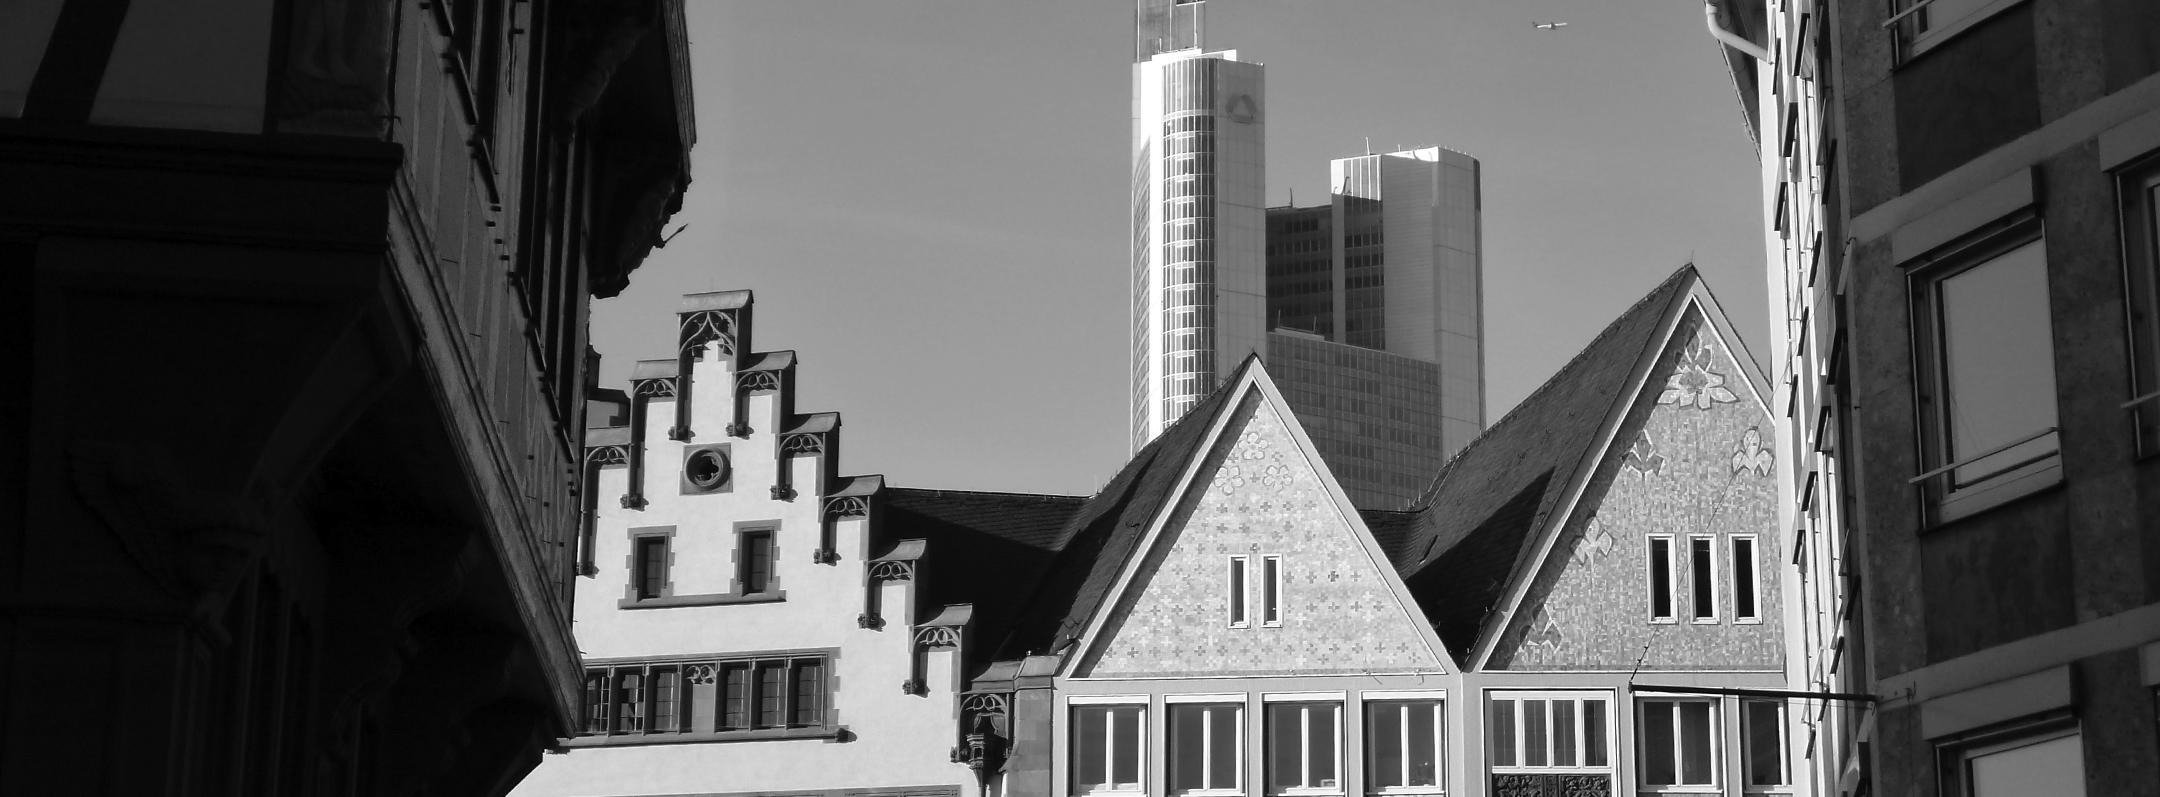 Stadtansicht Frankfurt: mittelalterliche Gebäude vor modernen Wolkenkratzern